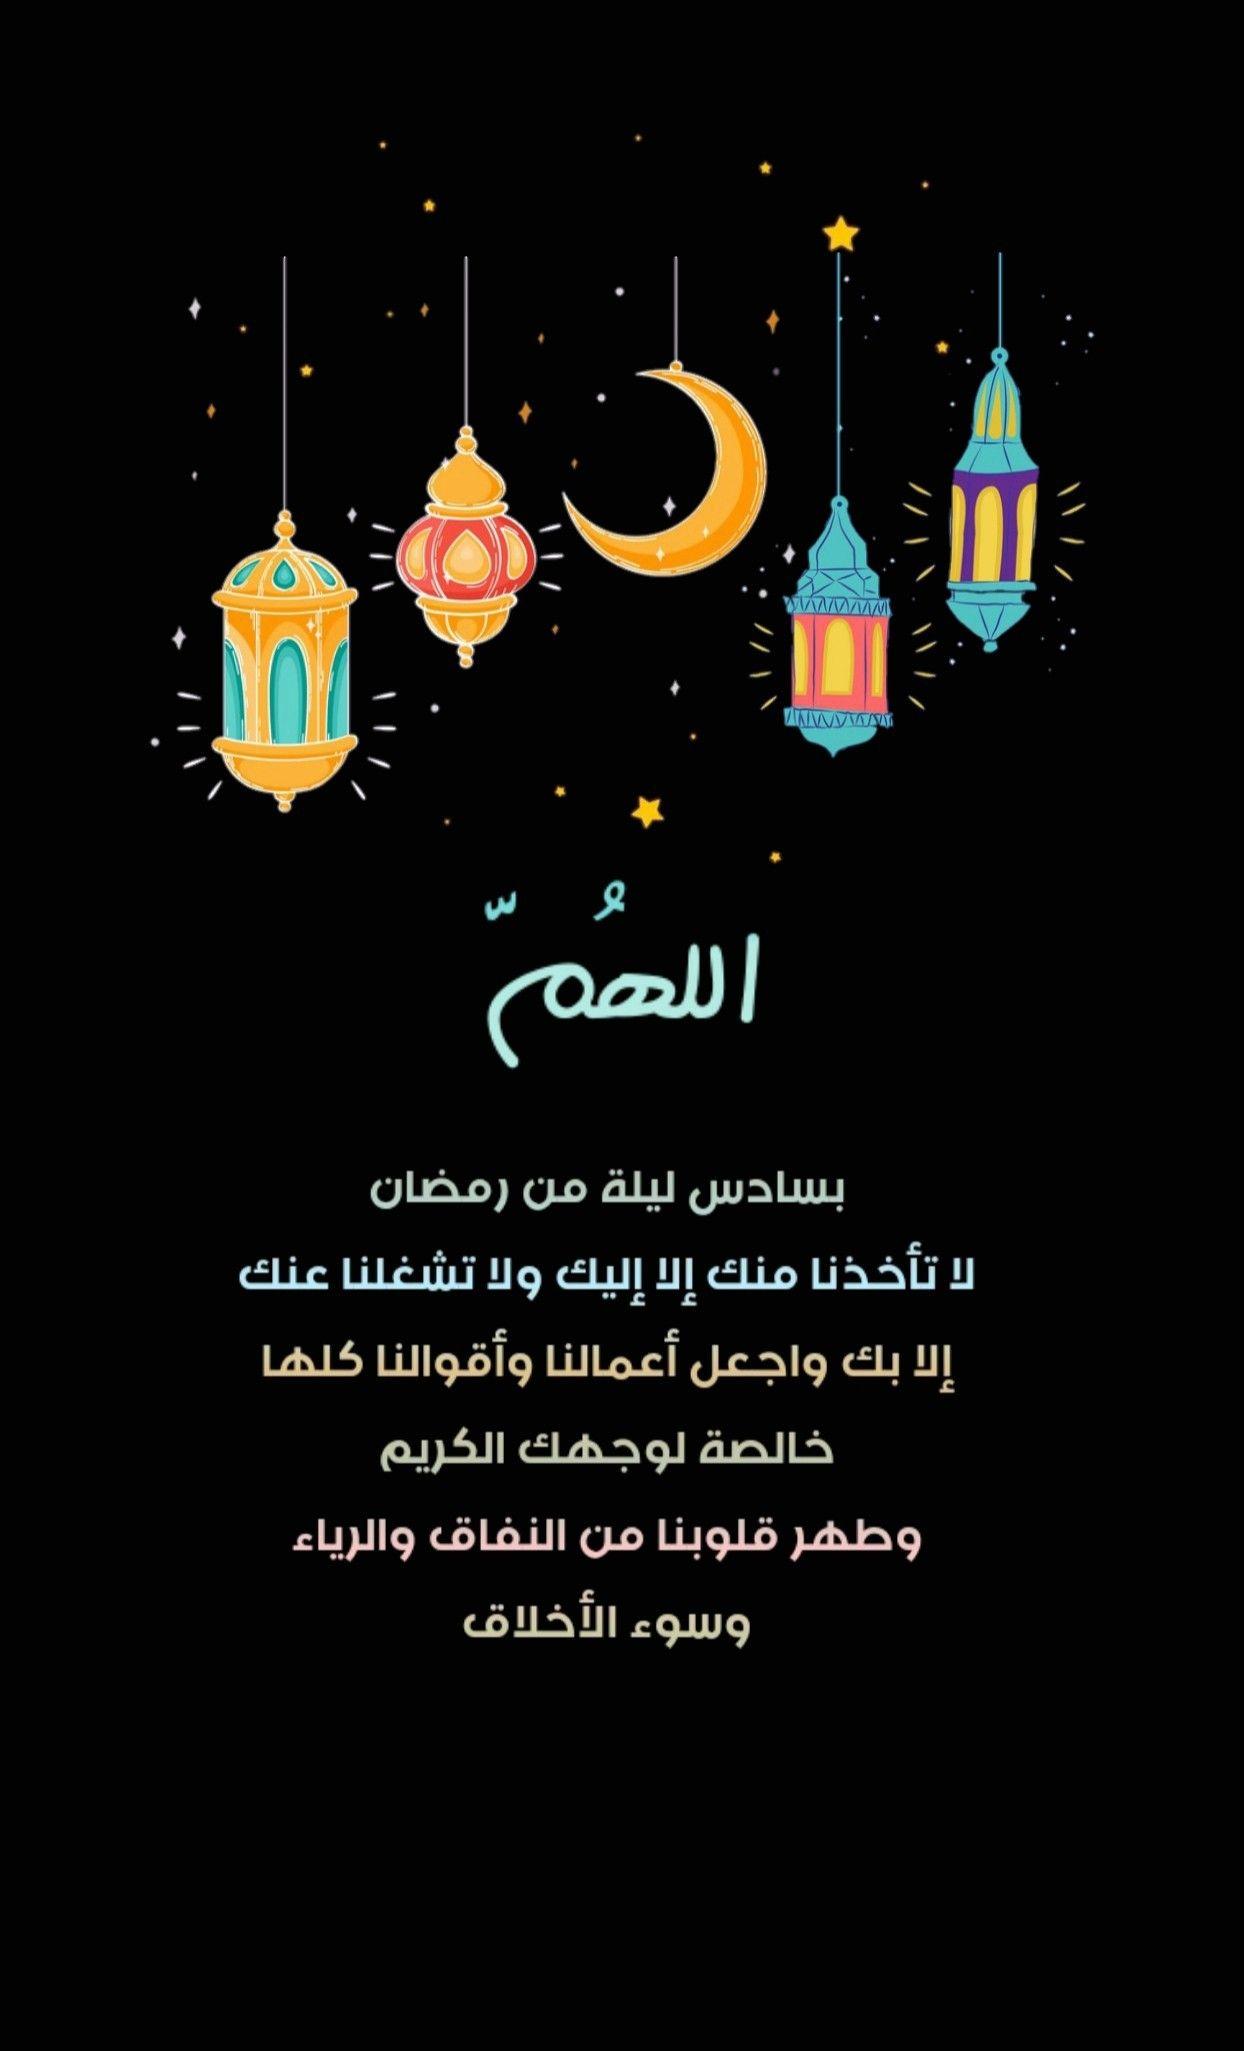 اللهُمَّ بسادس ليلة من رمضان لا تأخذنا منك إلا إليك ولا ...